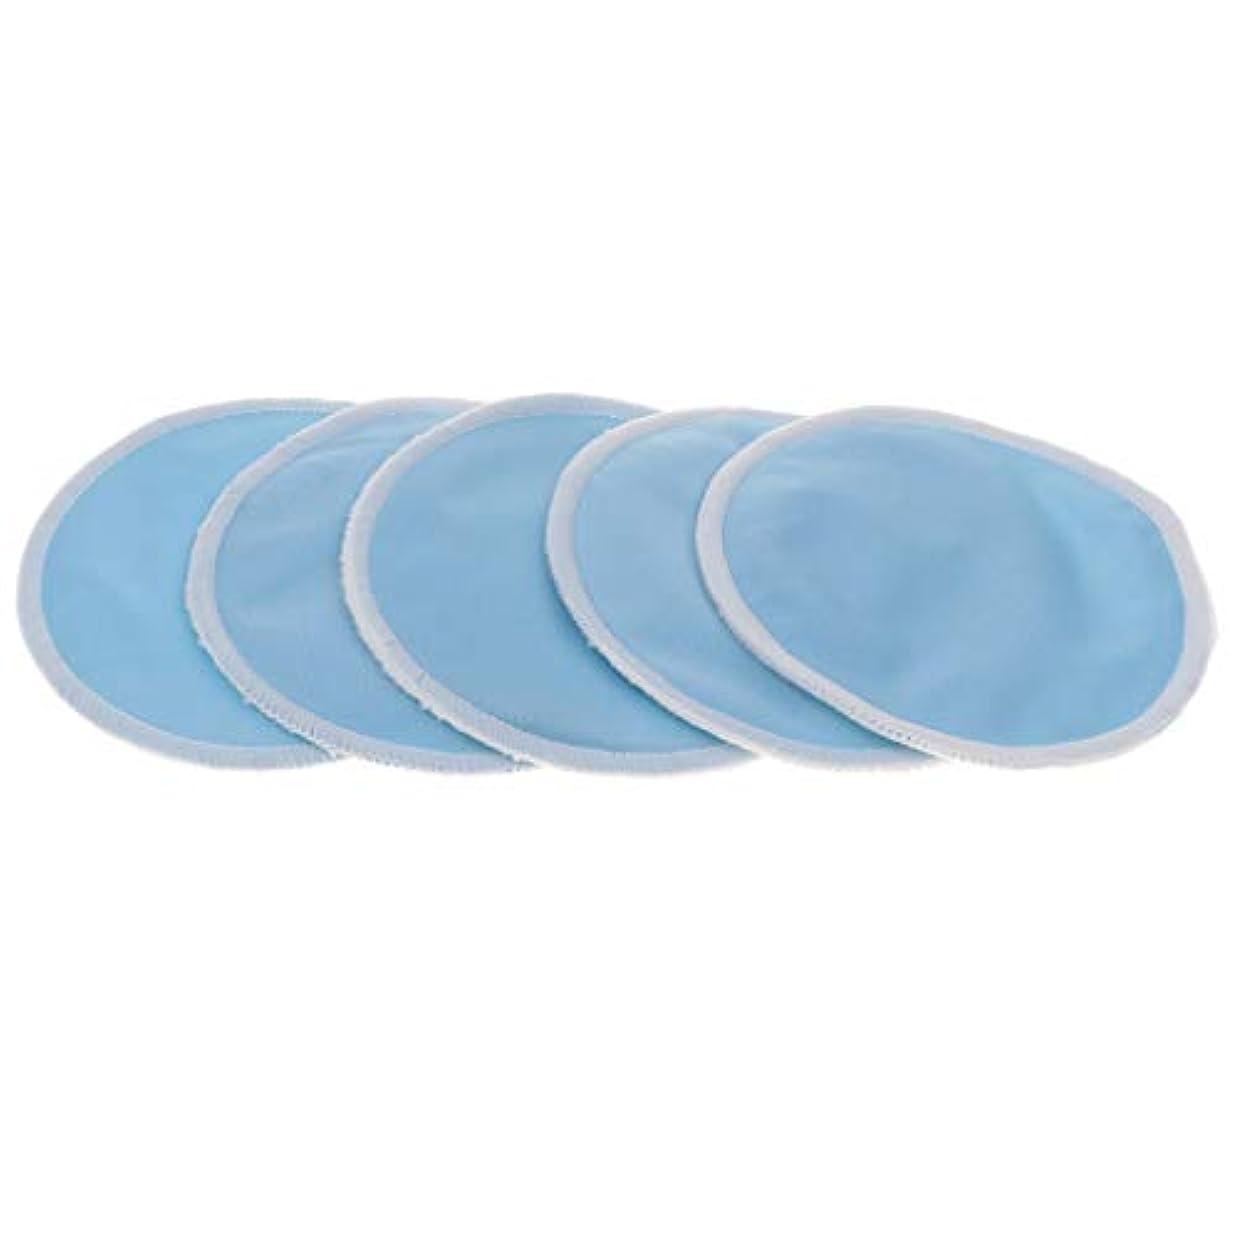 暴露する国リングレット胸パッド クレンジングシート メイクアップ 竹繊維 円形 12cm 洗濯可能 再使用可 5個 全5色 - 青